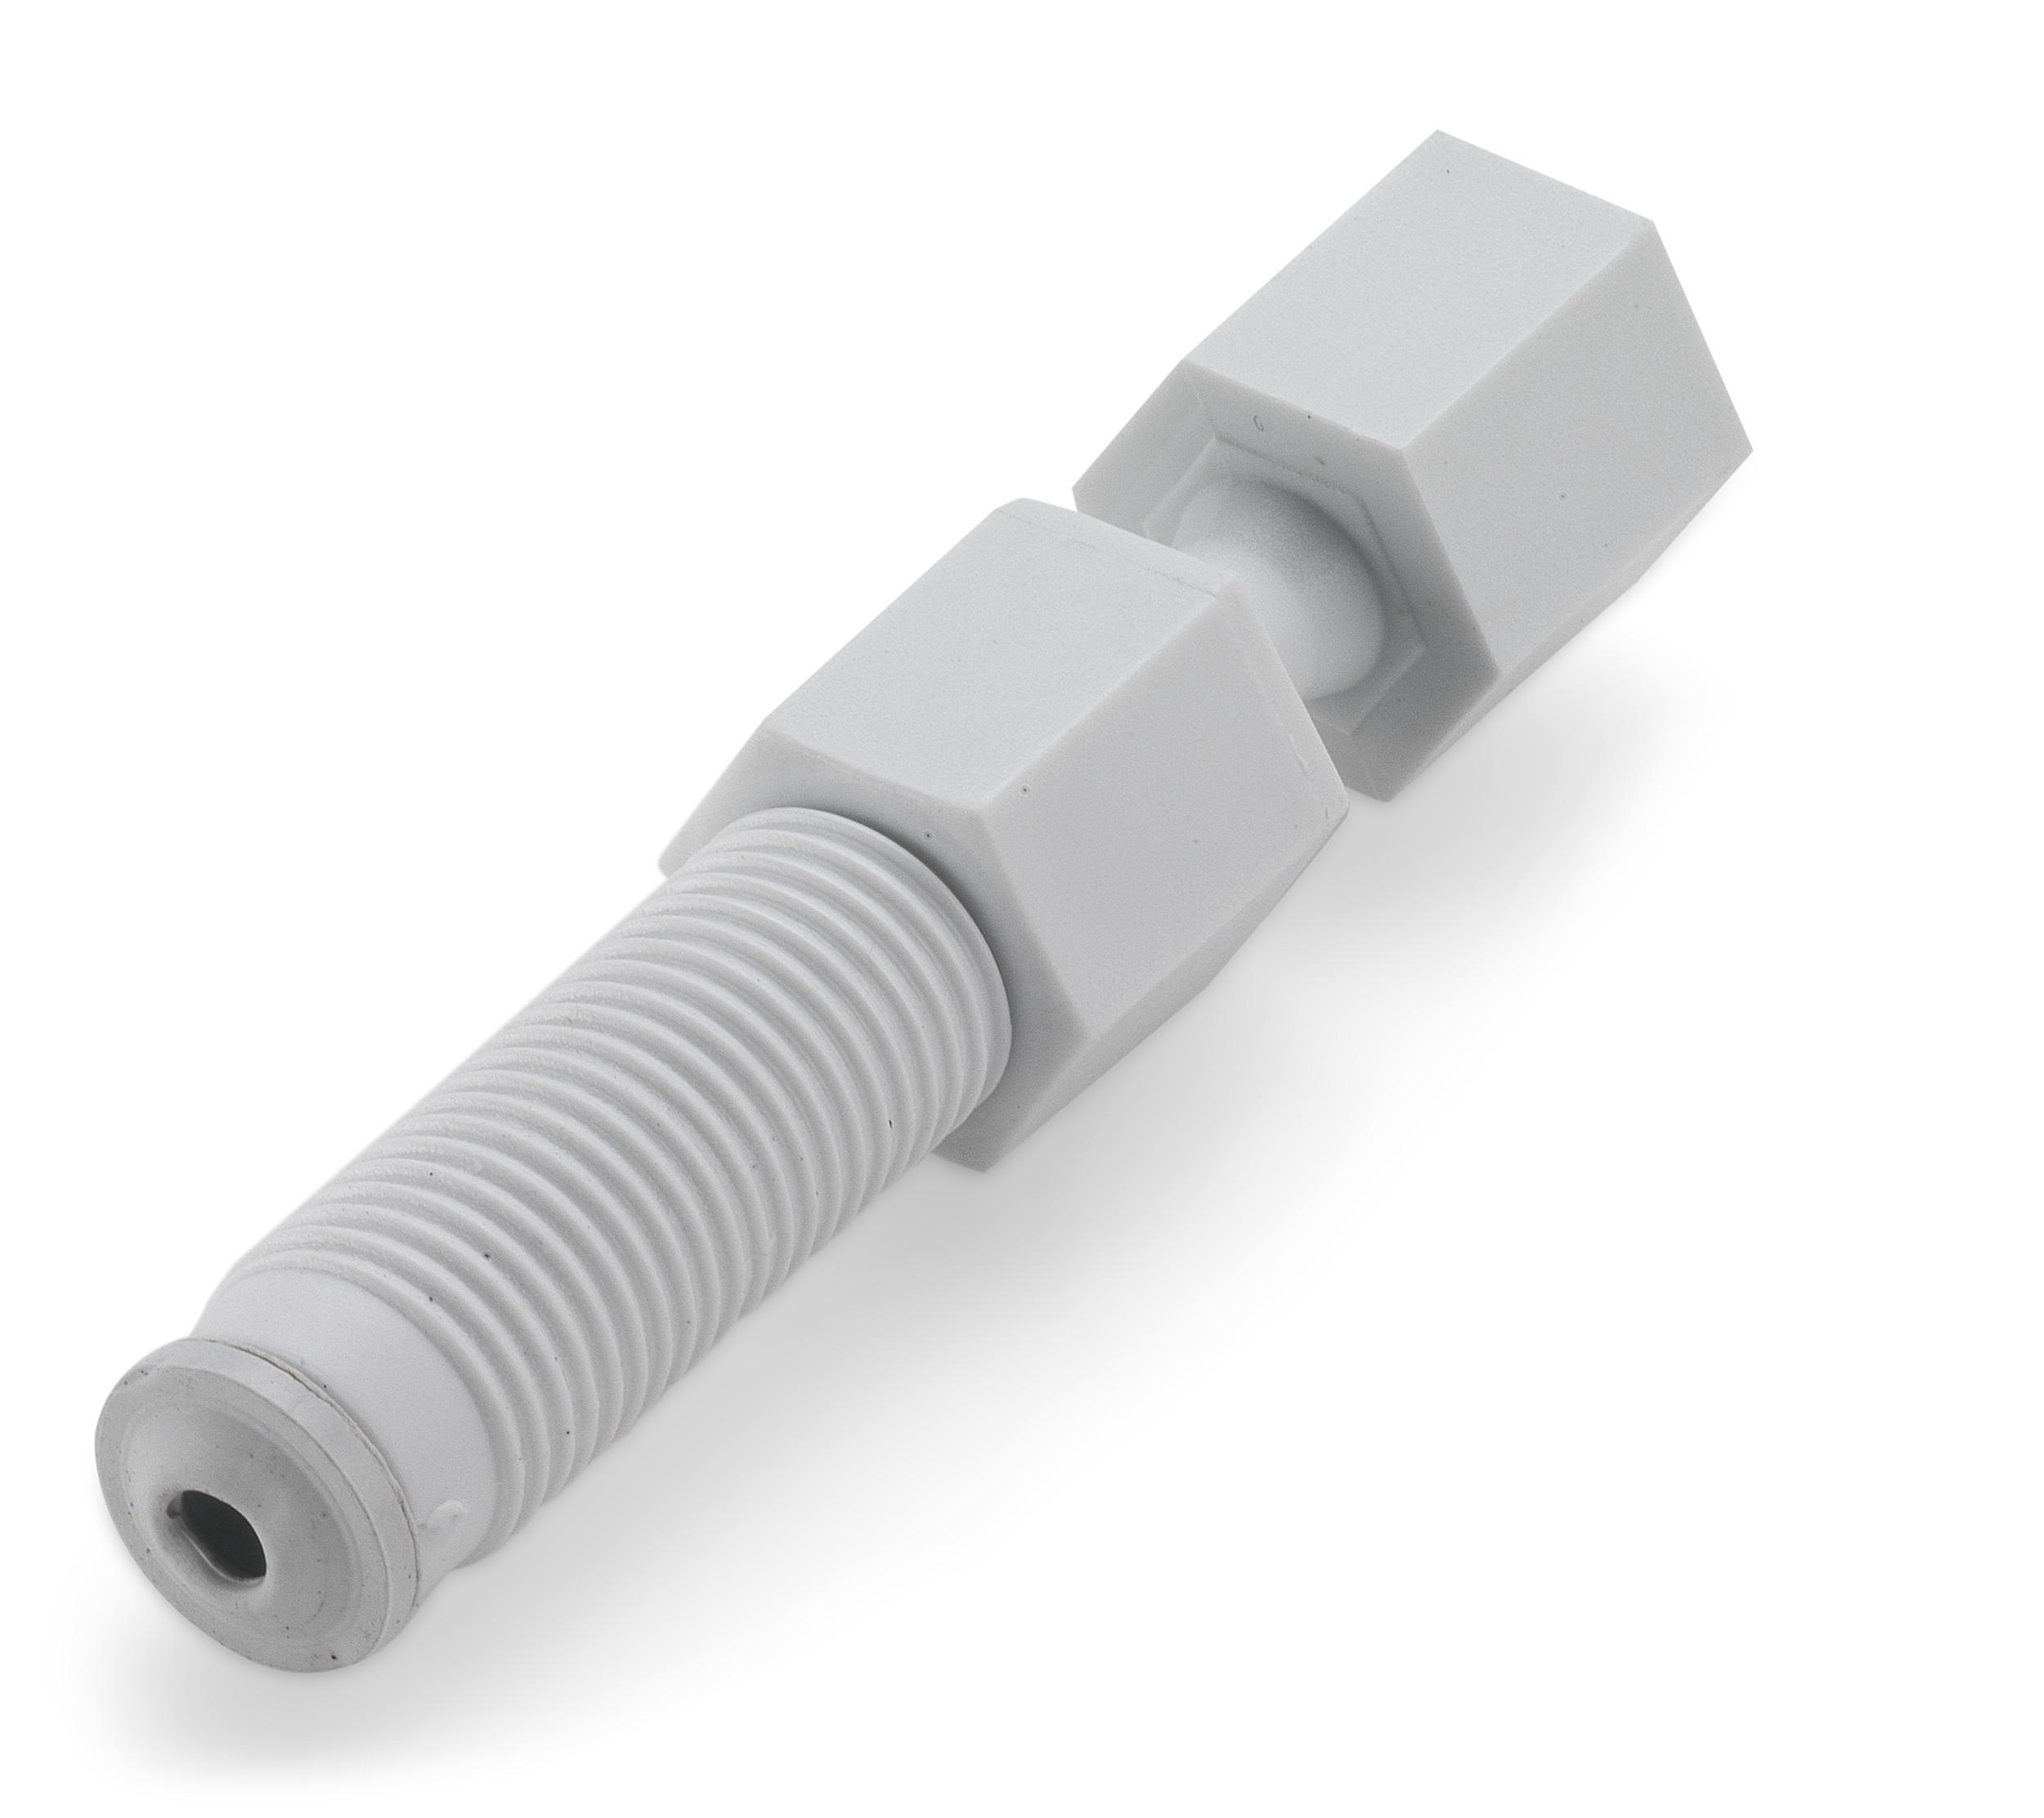 Injektor Füllinjektor für Steinschlagreparatur